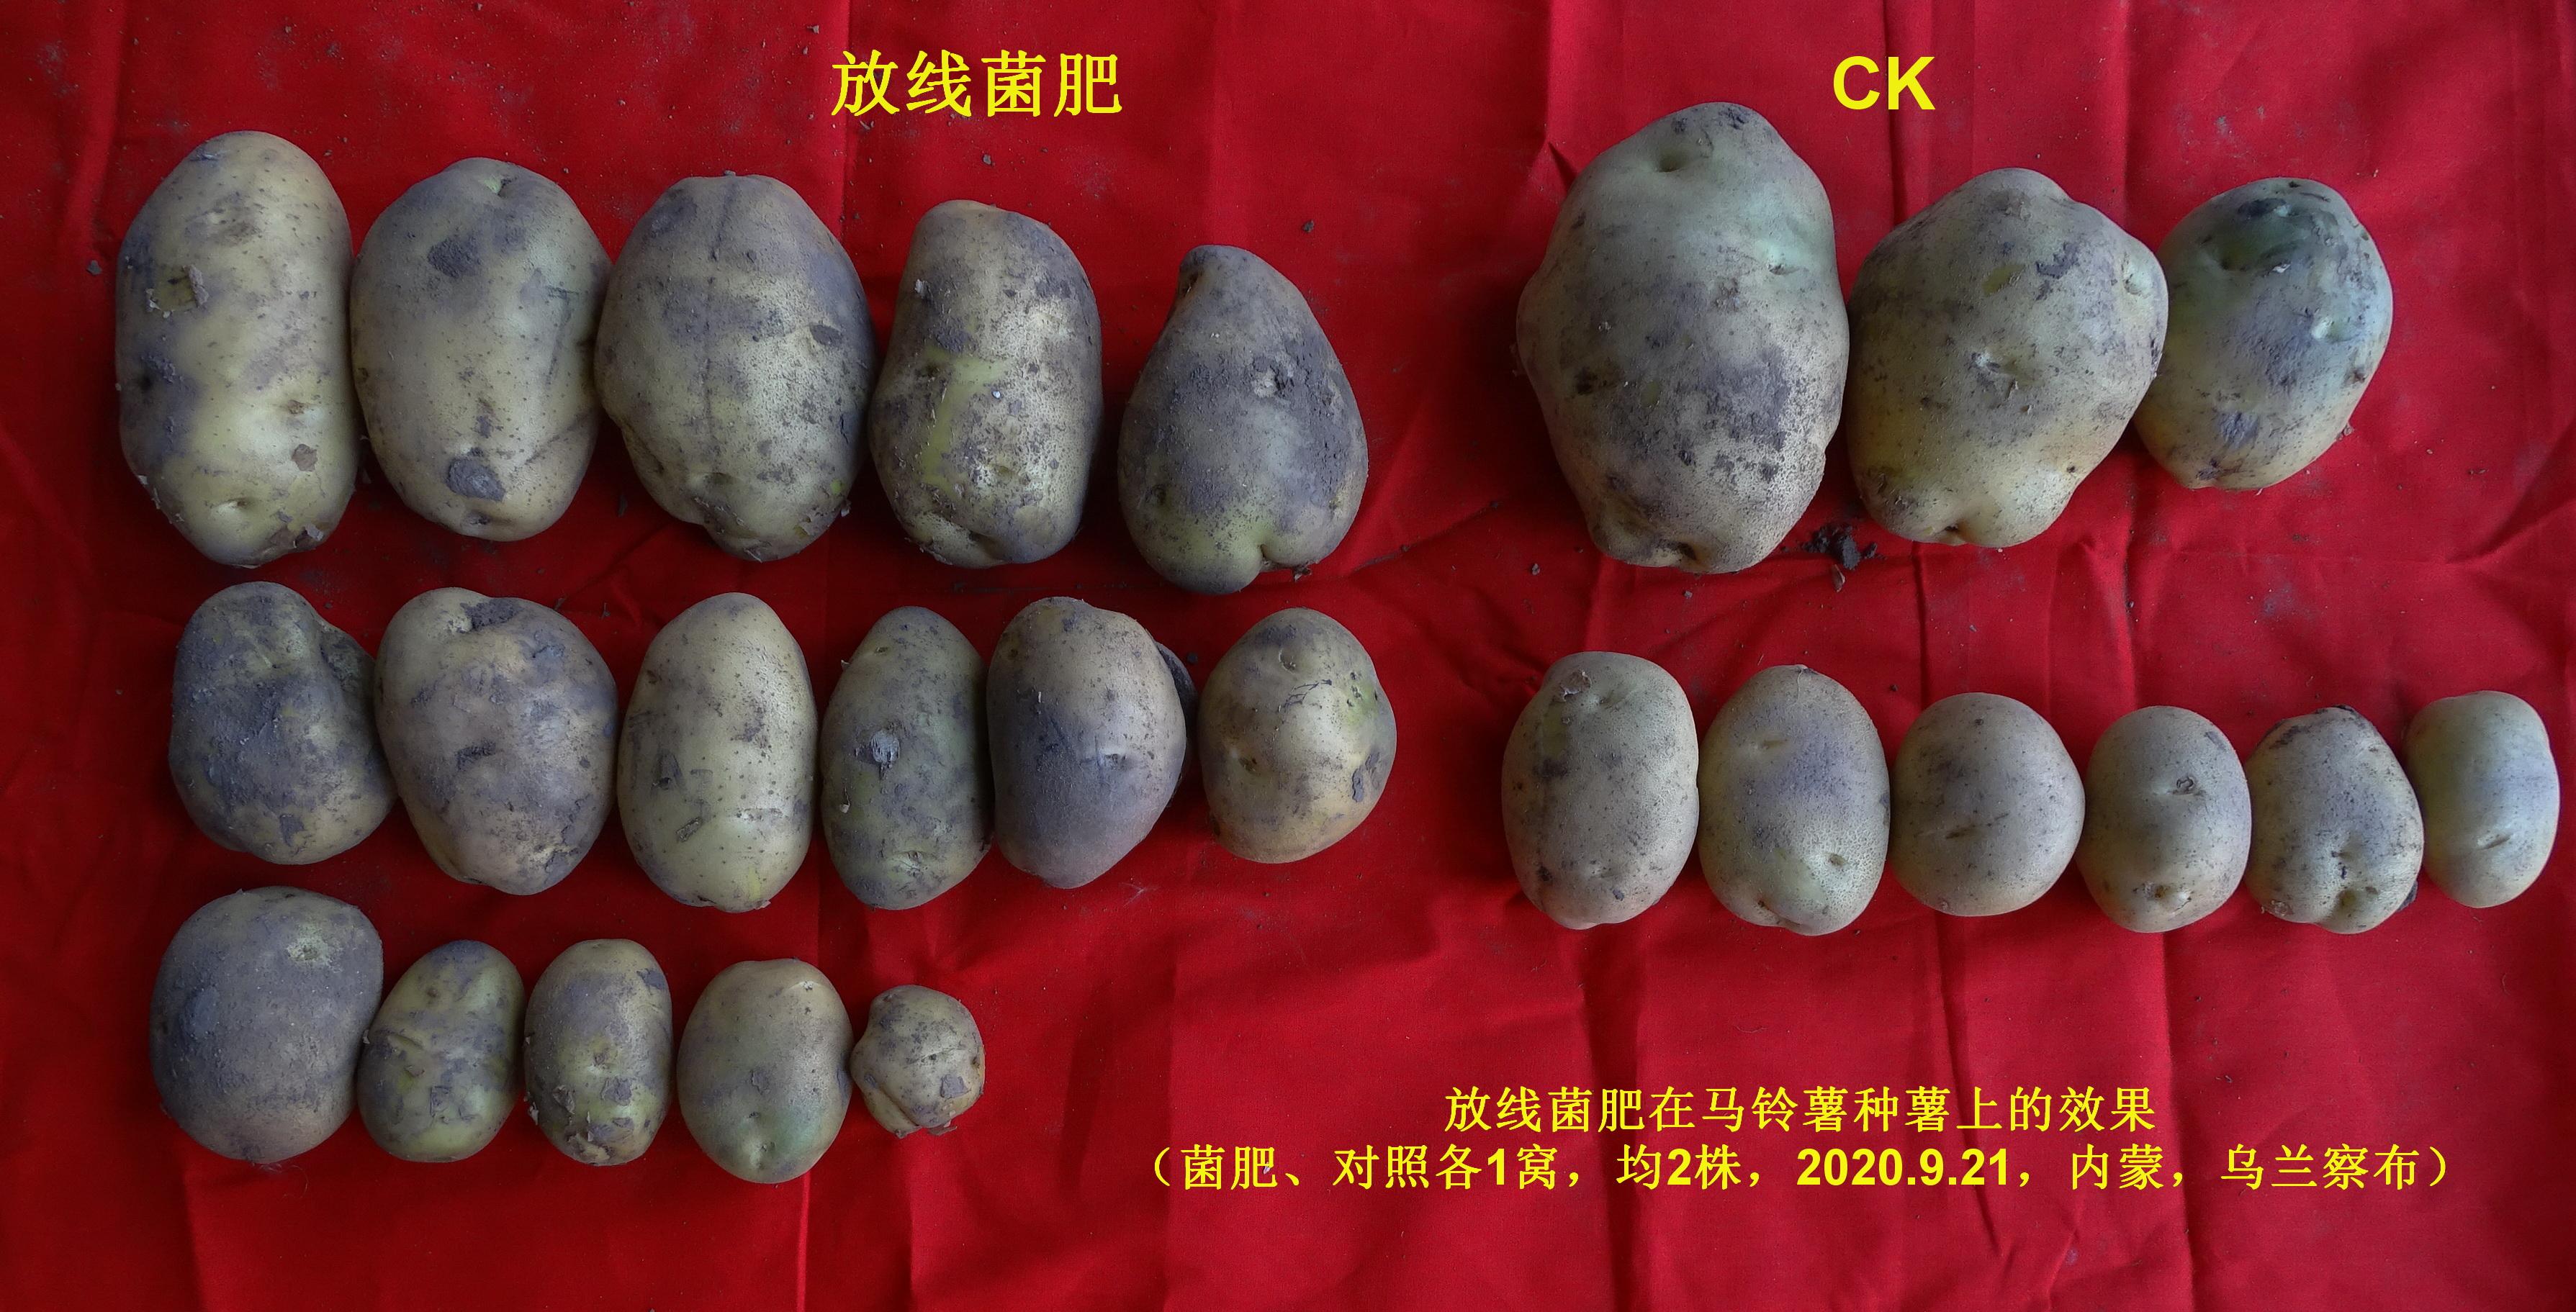 马铃薯试验.jpg